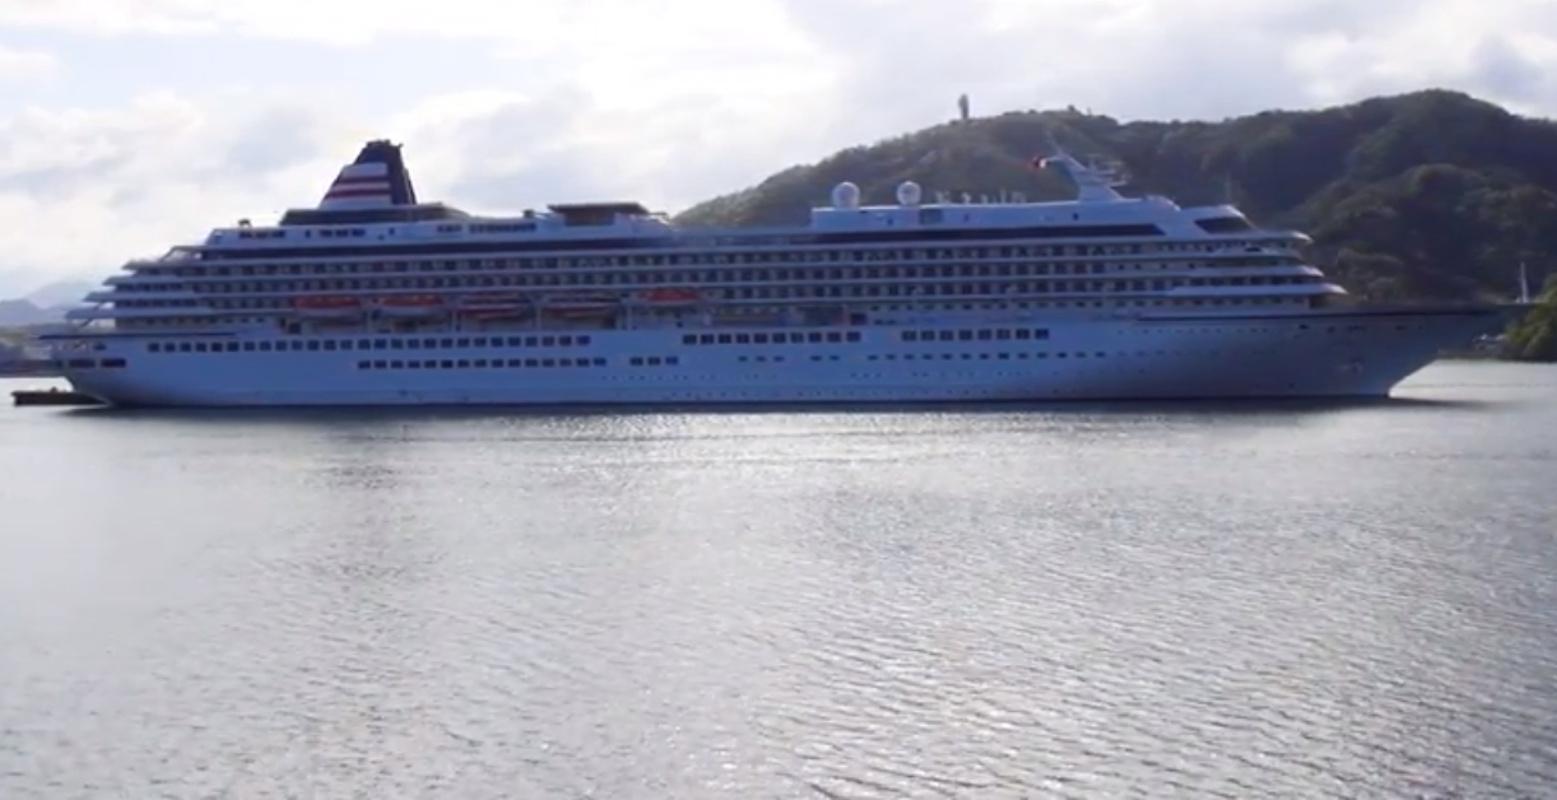 Ιαπωνία: Σε απομόνωση επιβάτης κρουαζιερόπλοιου που βρέθηκε θετικός στον κορονοϊό